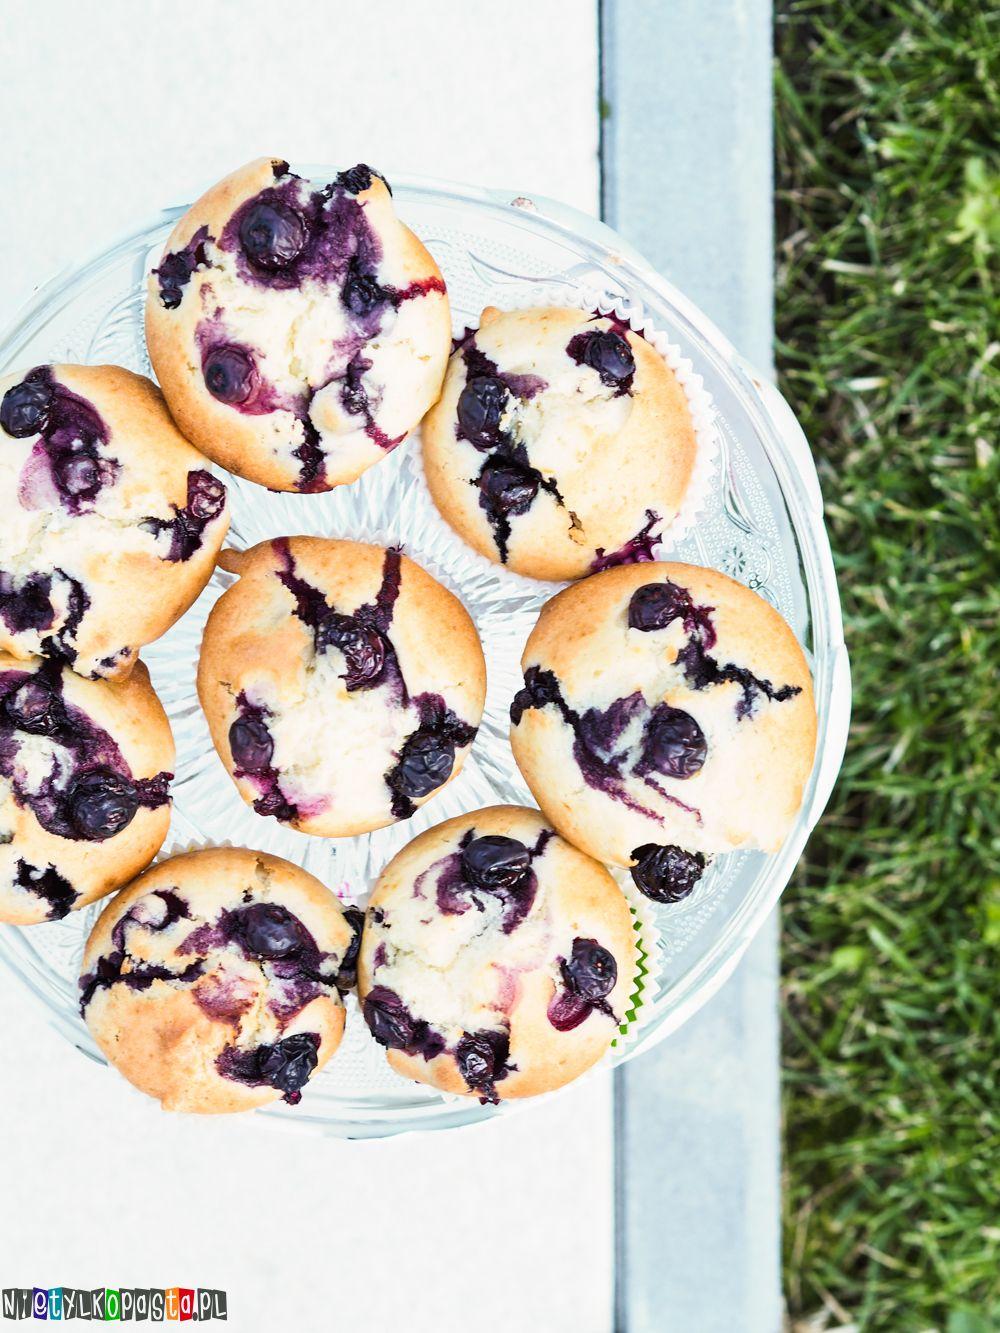 Przepis Na Przepyszne Domowe Jogurtowe Muffiny Z Borowkami Amerykanskimi Proste Muffinki Ktore Mozesz Przygotowac Szybko Food Food And Drink Food Inspiration